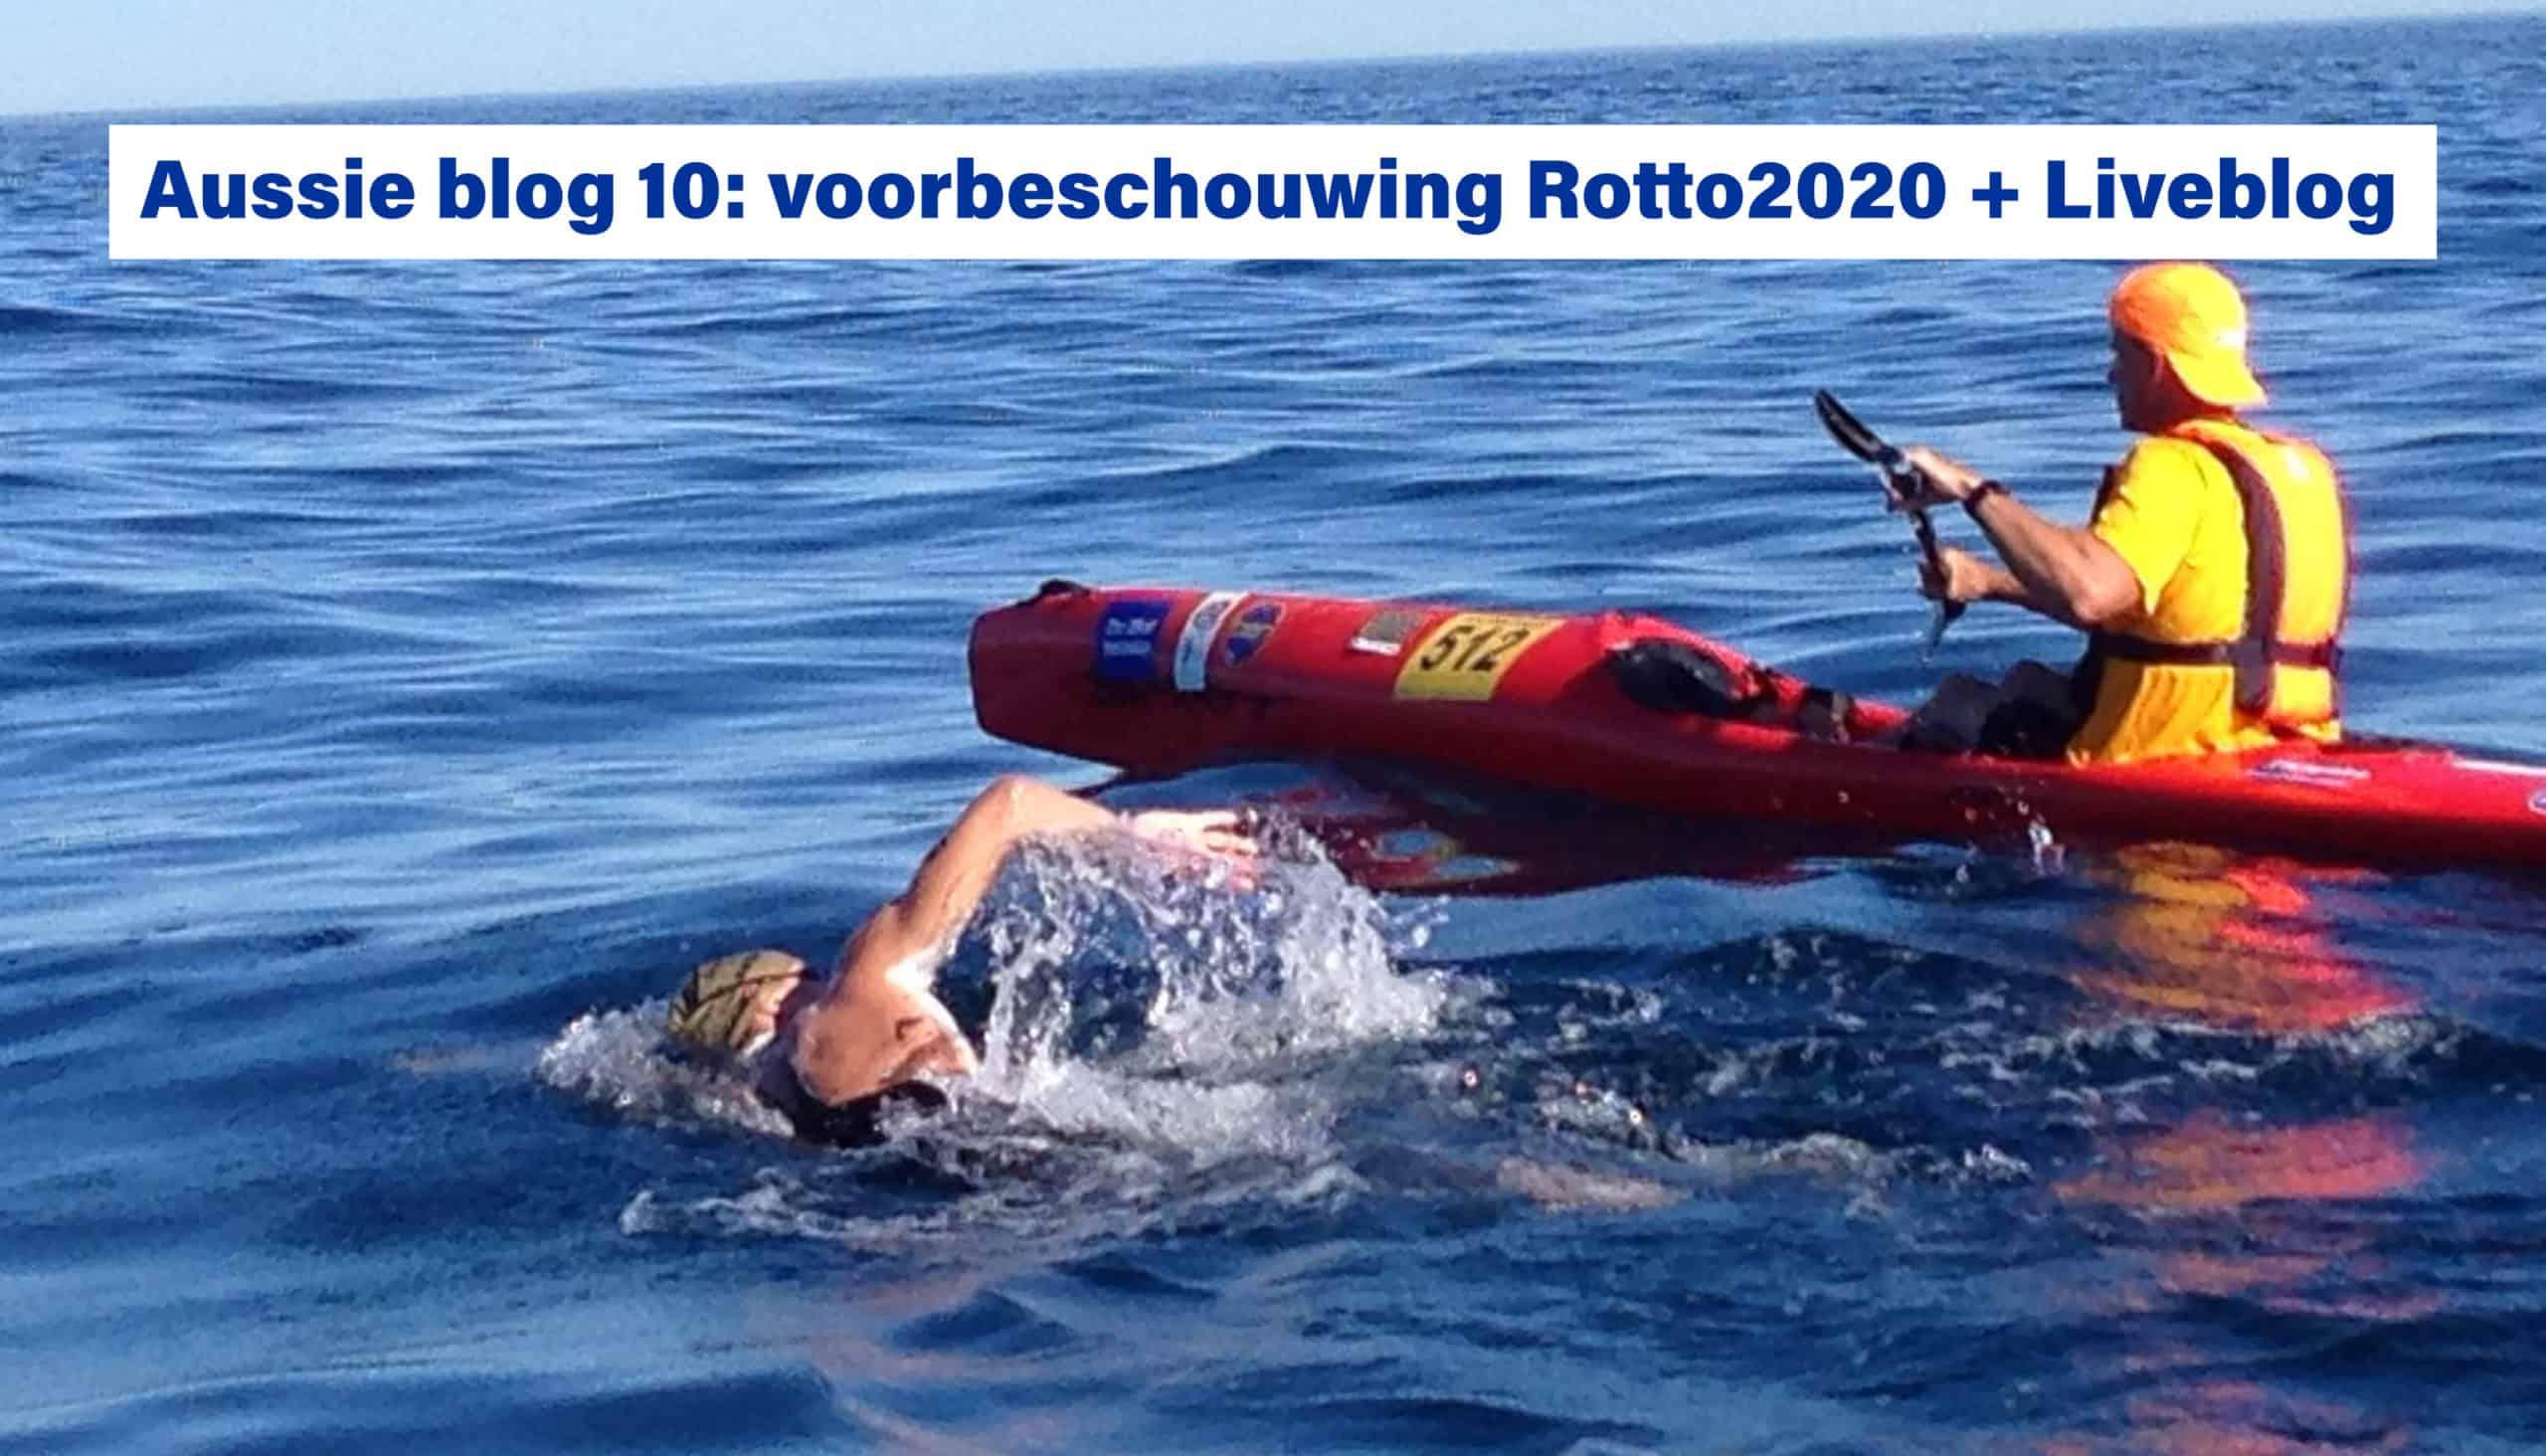 Oversteek Rotto2020 Rottnest Channel Swim Lars Bottelier - Lars heeft goud gepakt tijdens de Rottnest Channel swim - Hij is prof openwaterzwemmer die voor de Oympische Spelen van Parijs 2024 gaat